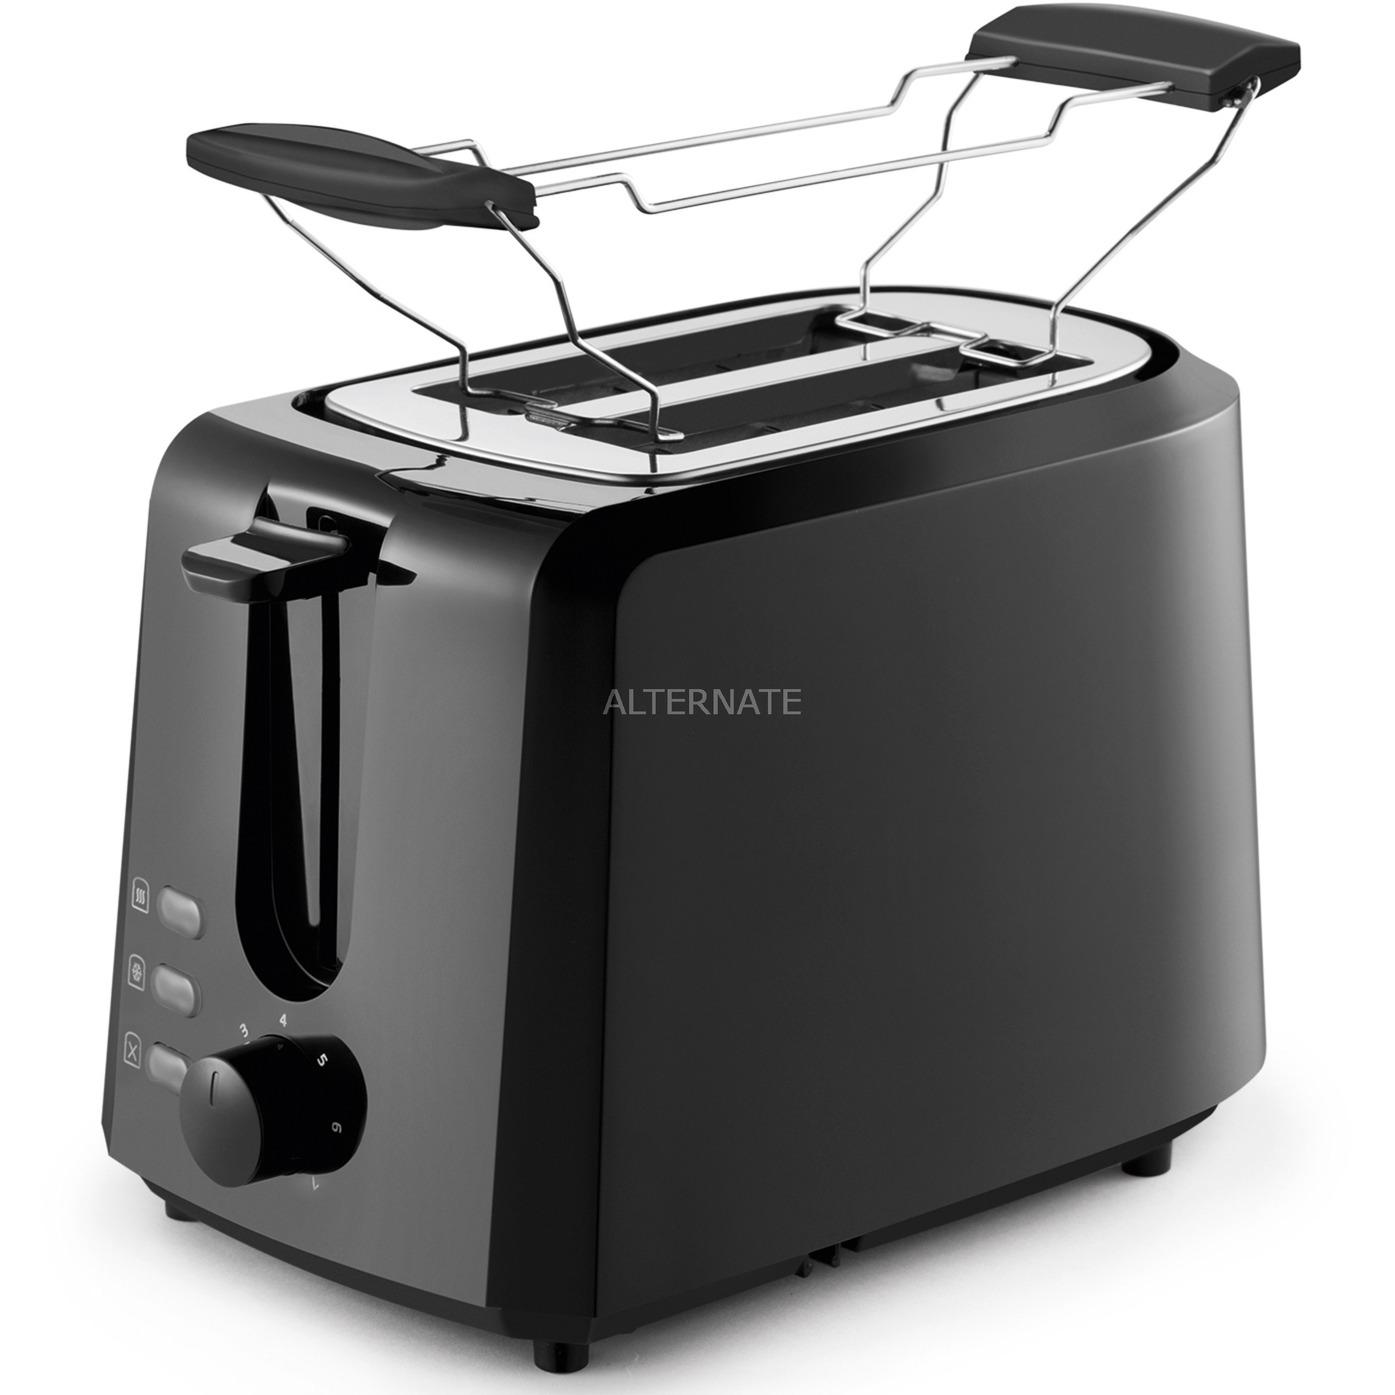 Grundig tostapane griglia scaldabriosche ta prezzi for Prezzi tostapane